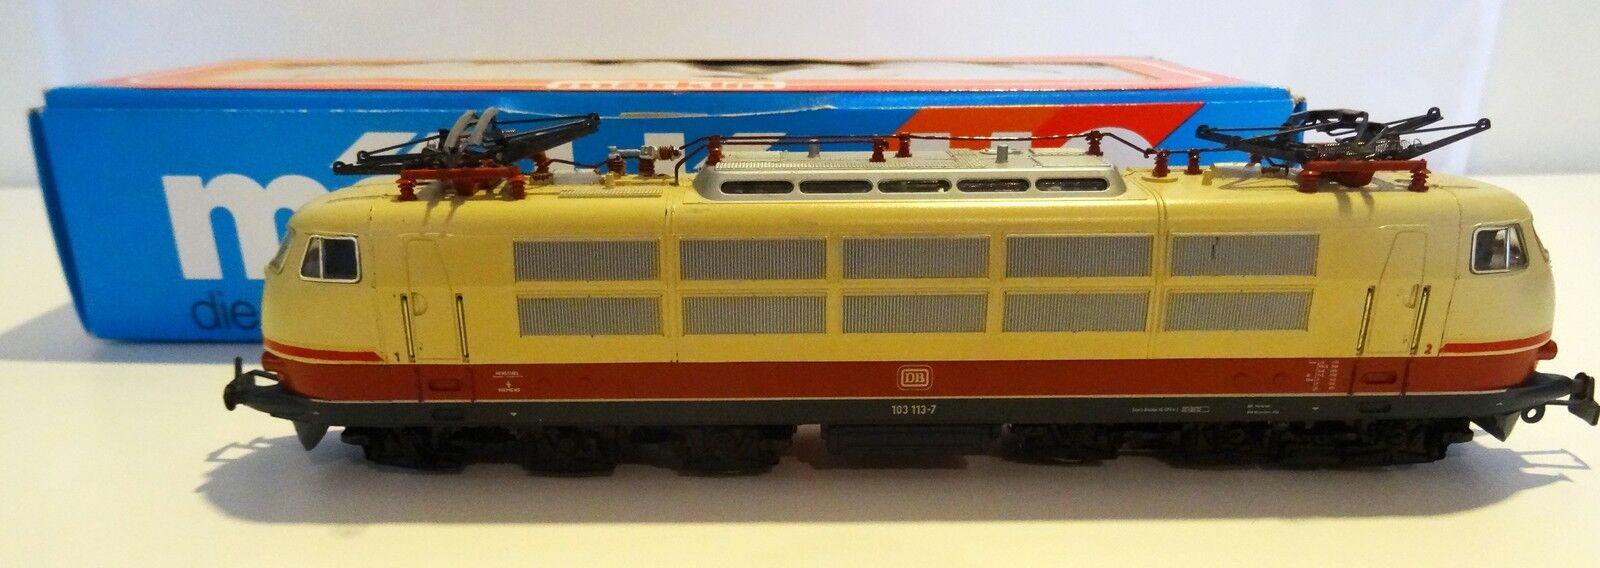 Ancianos ho Märklin ho 3054 Lok 103 113-DB-de colección con el embalaje original